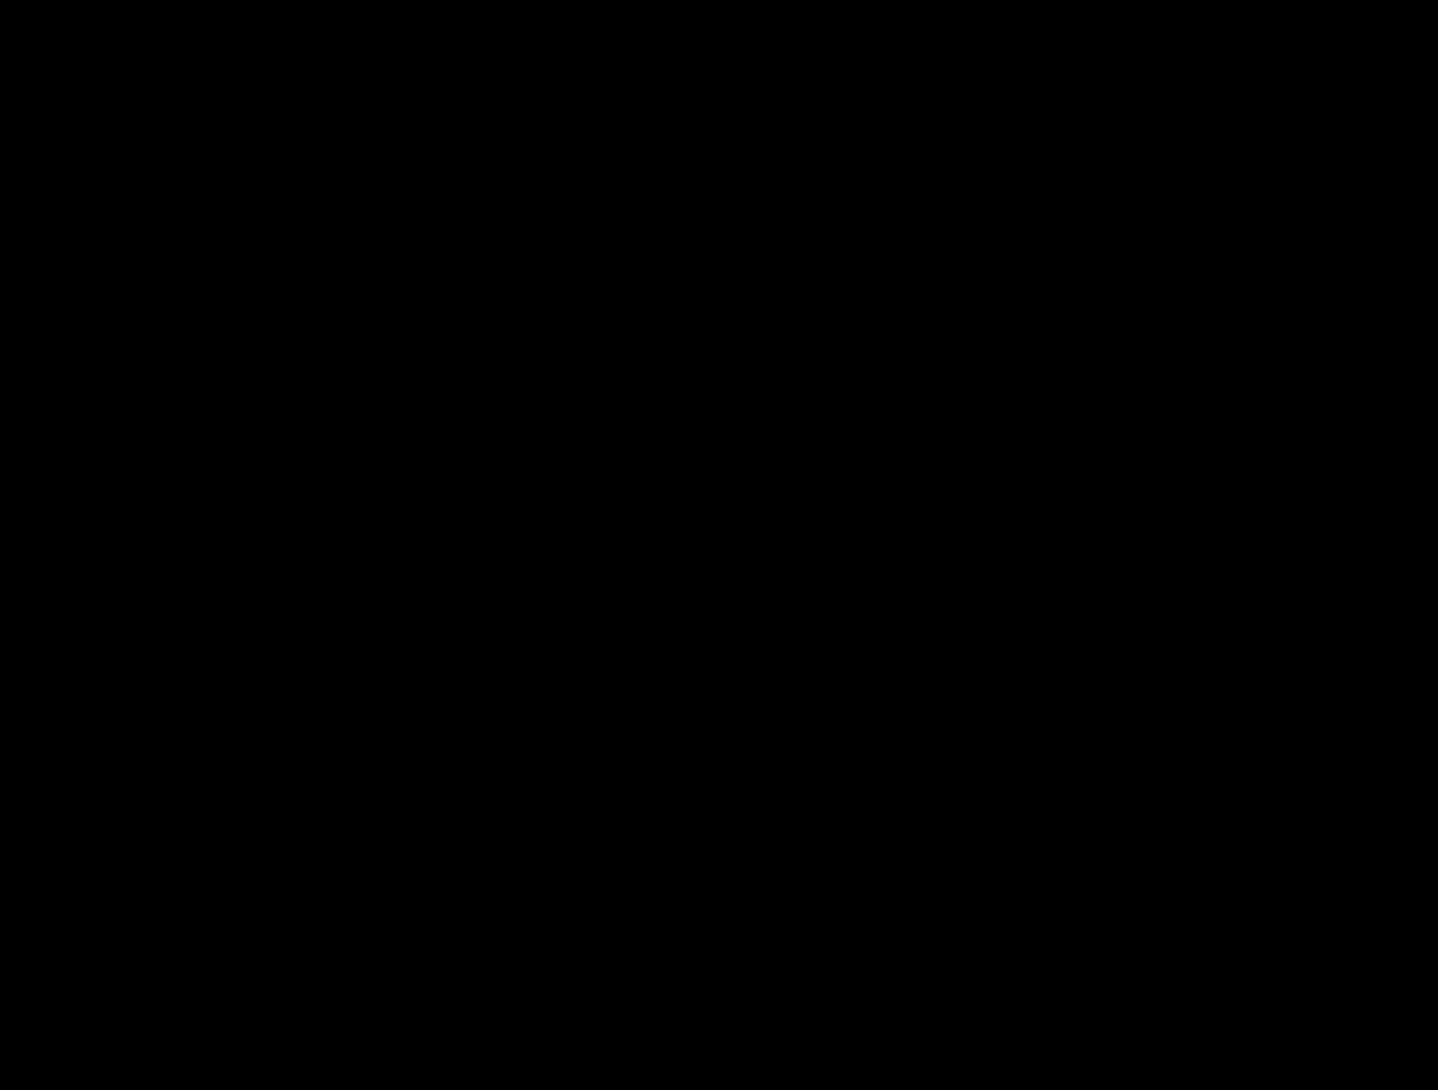 2-Fluoro-4-(phenoxycarbonylamino)benzeneboronic acid pinacol ester